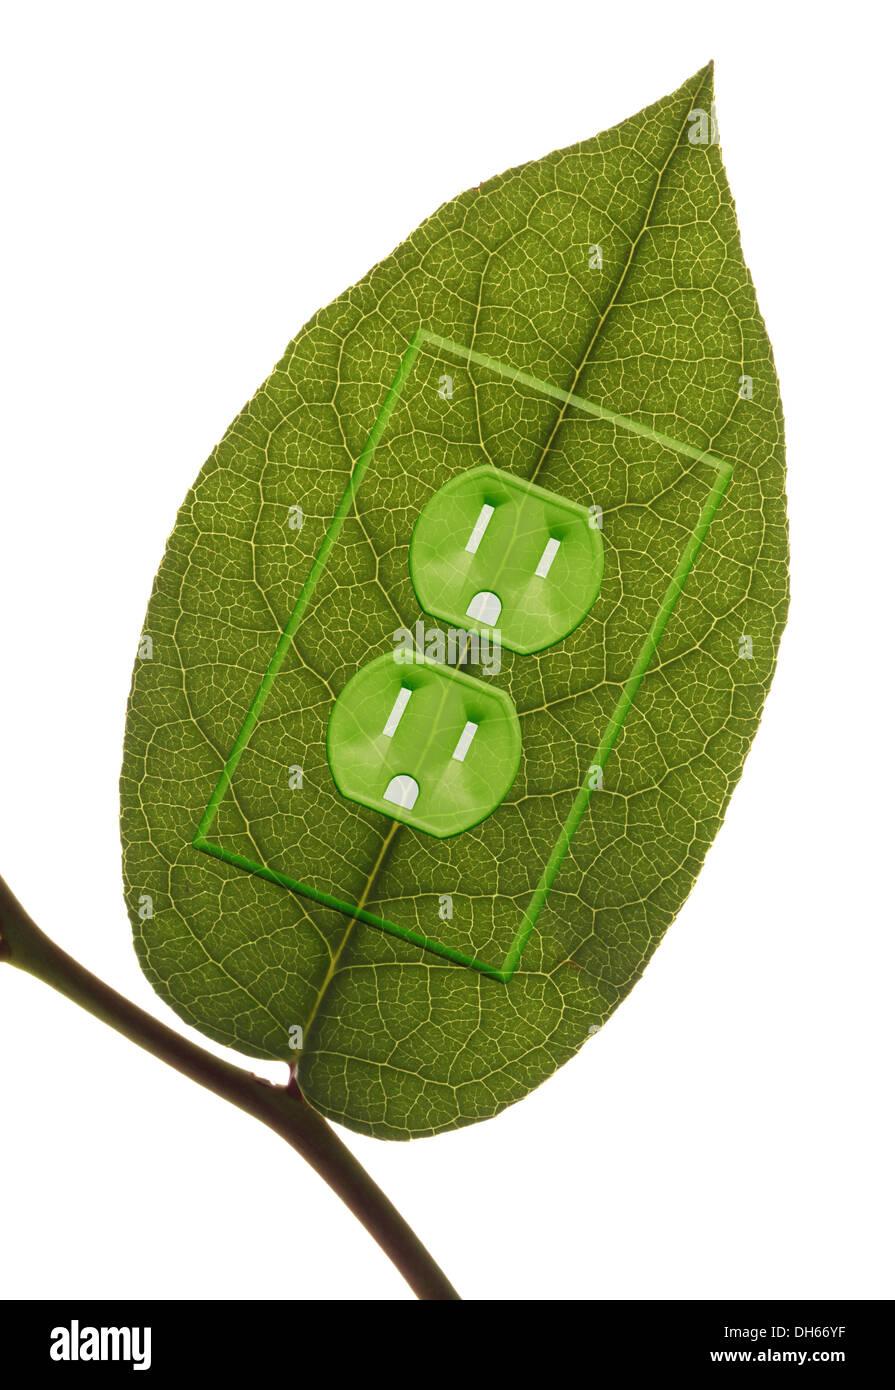 Una pianta verde foglia su di un ramo con colore verde prese elettriche aggiunto. Immagini Stock